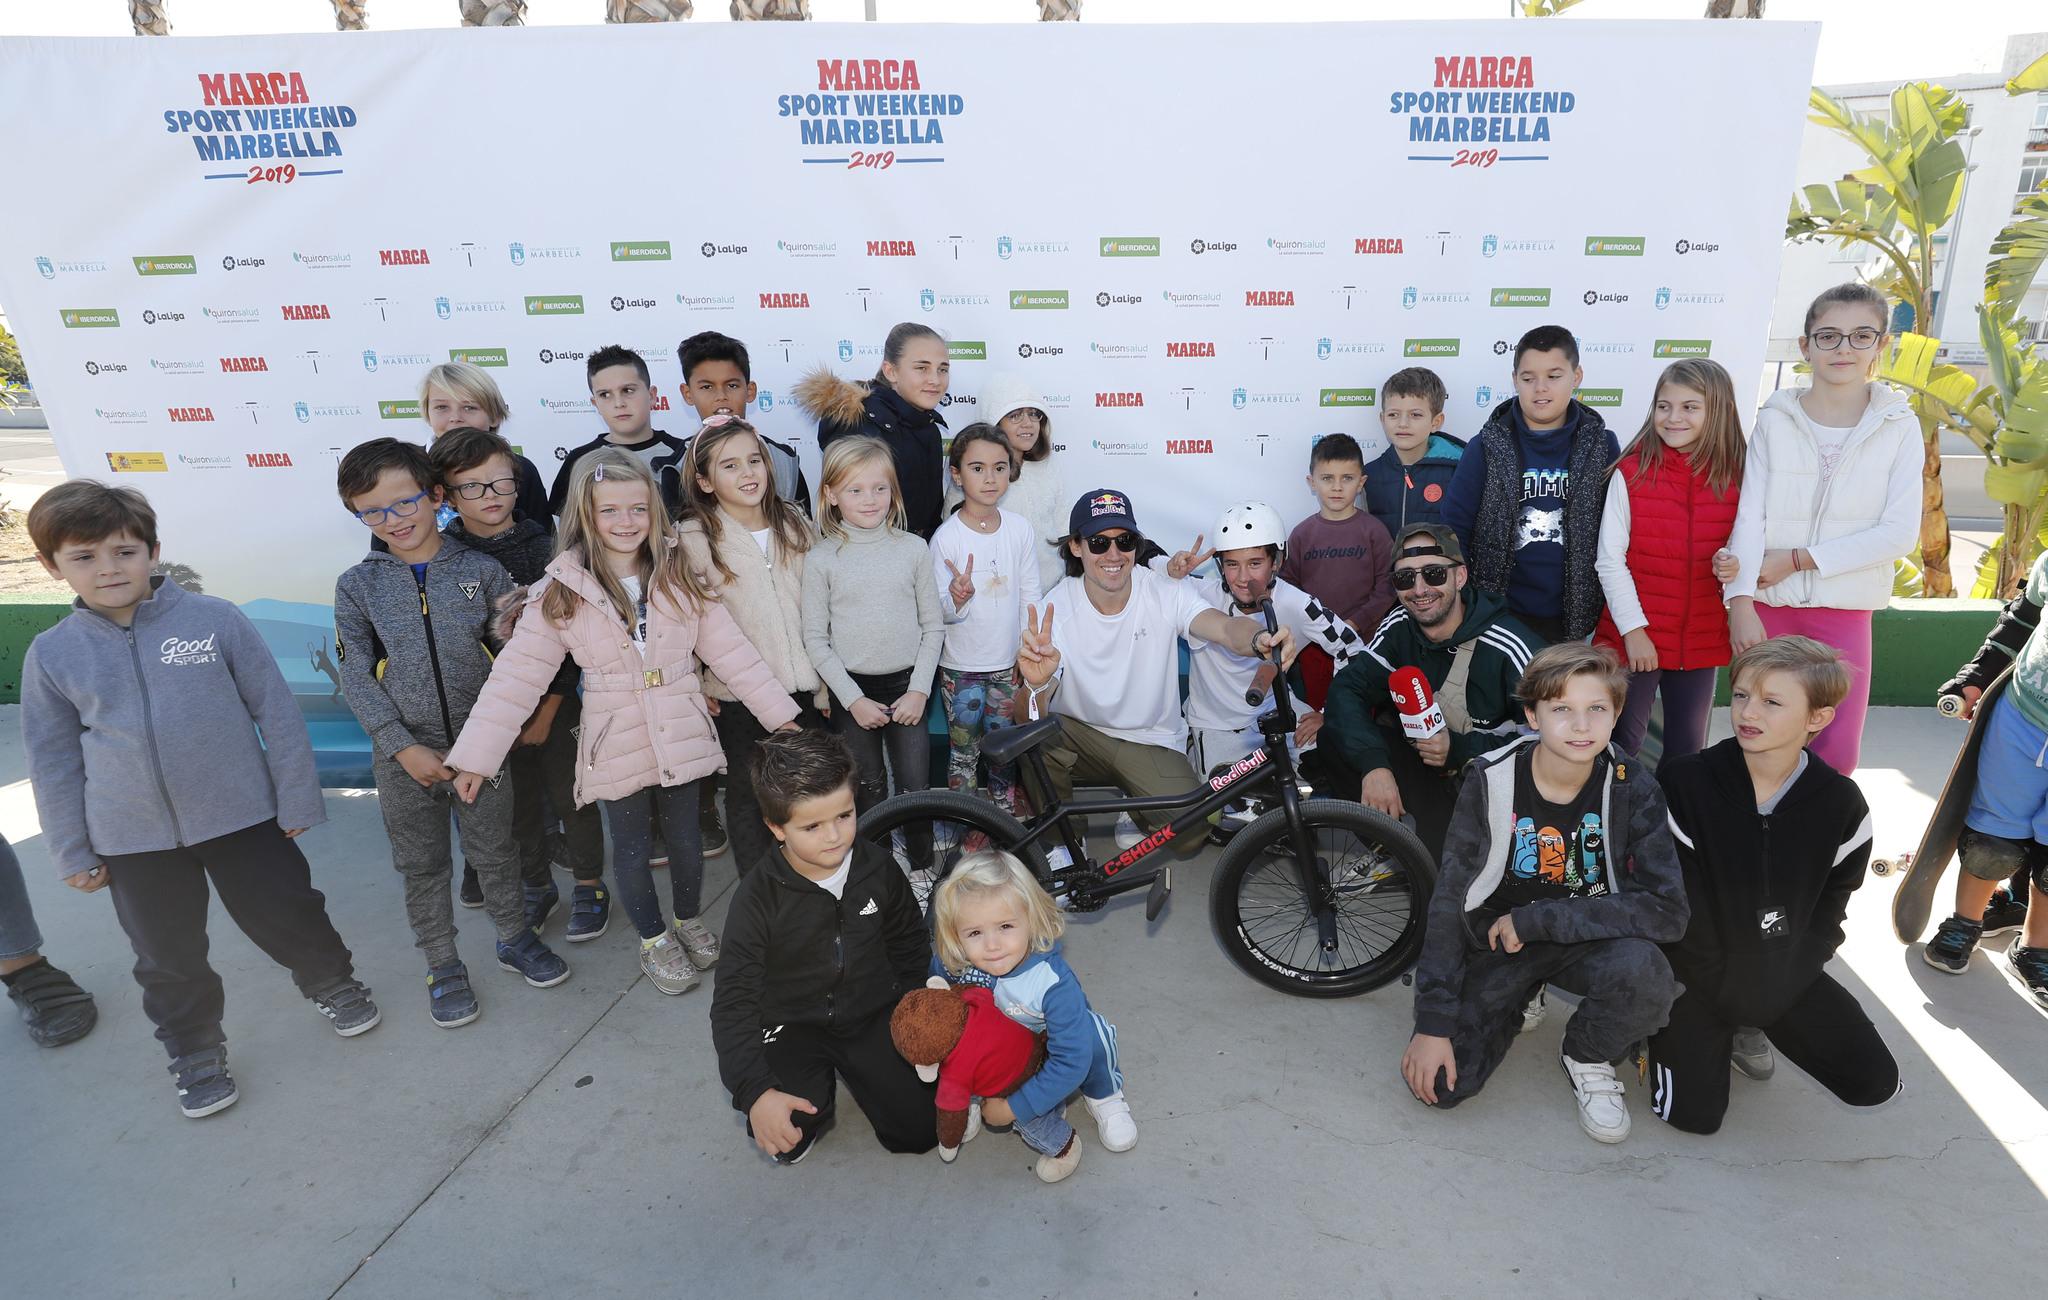 <HIT>MARCA</HIT> SPORT WEEKEND EN MARBELLA, BMX Y SKATE EN SAN PEDRO DE ALCANTARA